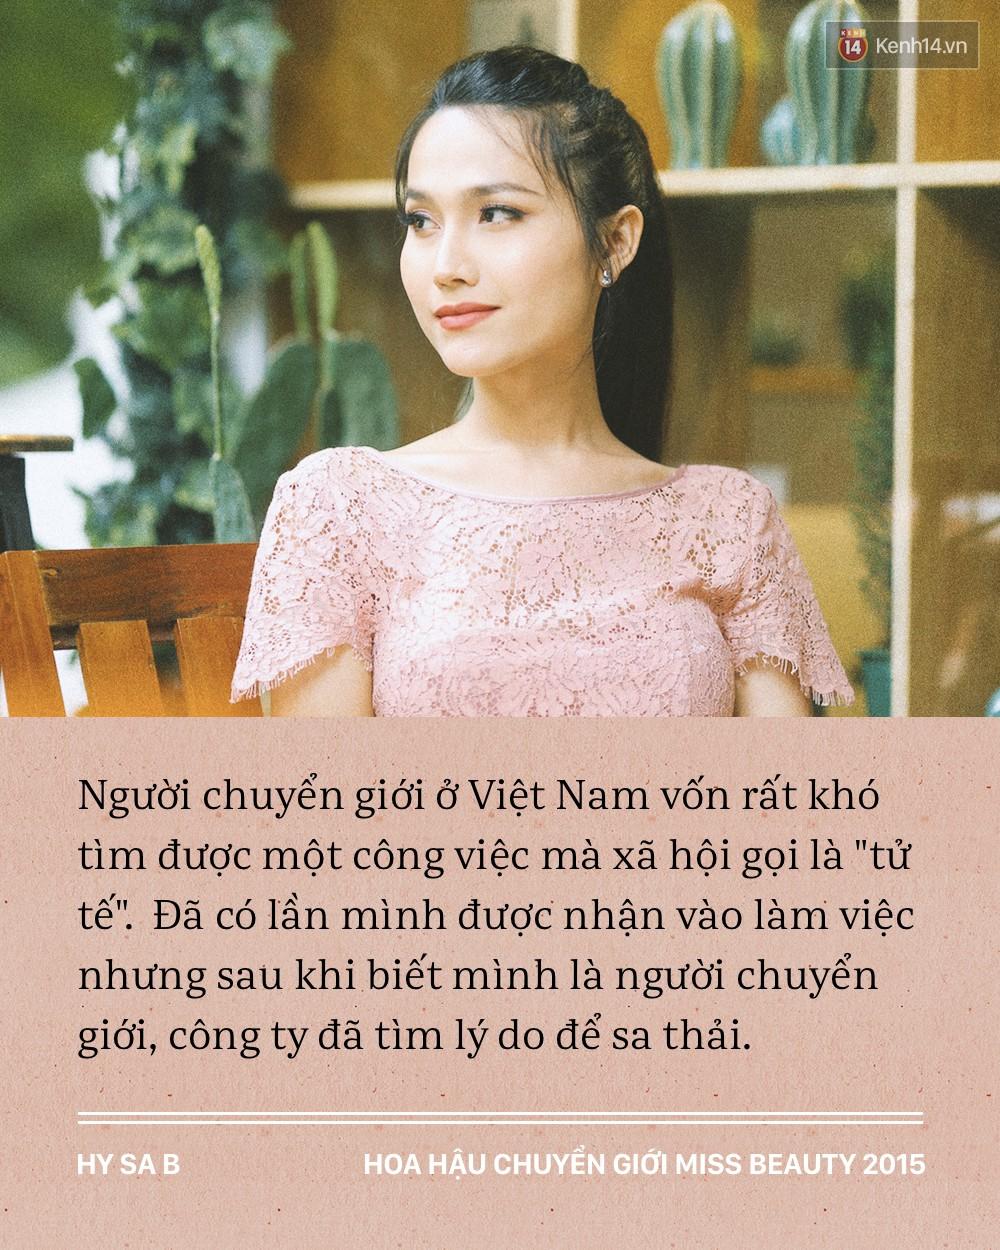 Hoa hậu chuyển giới Việt Nam đầu tiên sau hơn 2 năm đăng quang: Ai cũng nghĩ sau Miss Beauty thì đời mình lên mây - Ảnh 5.